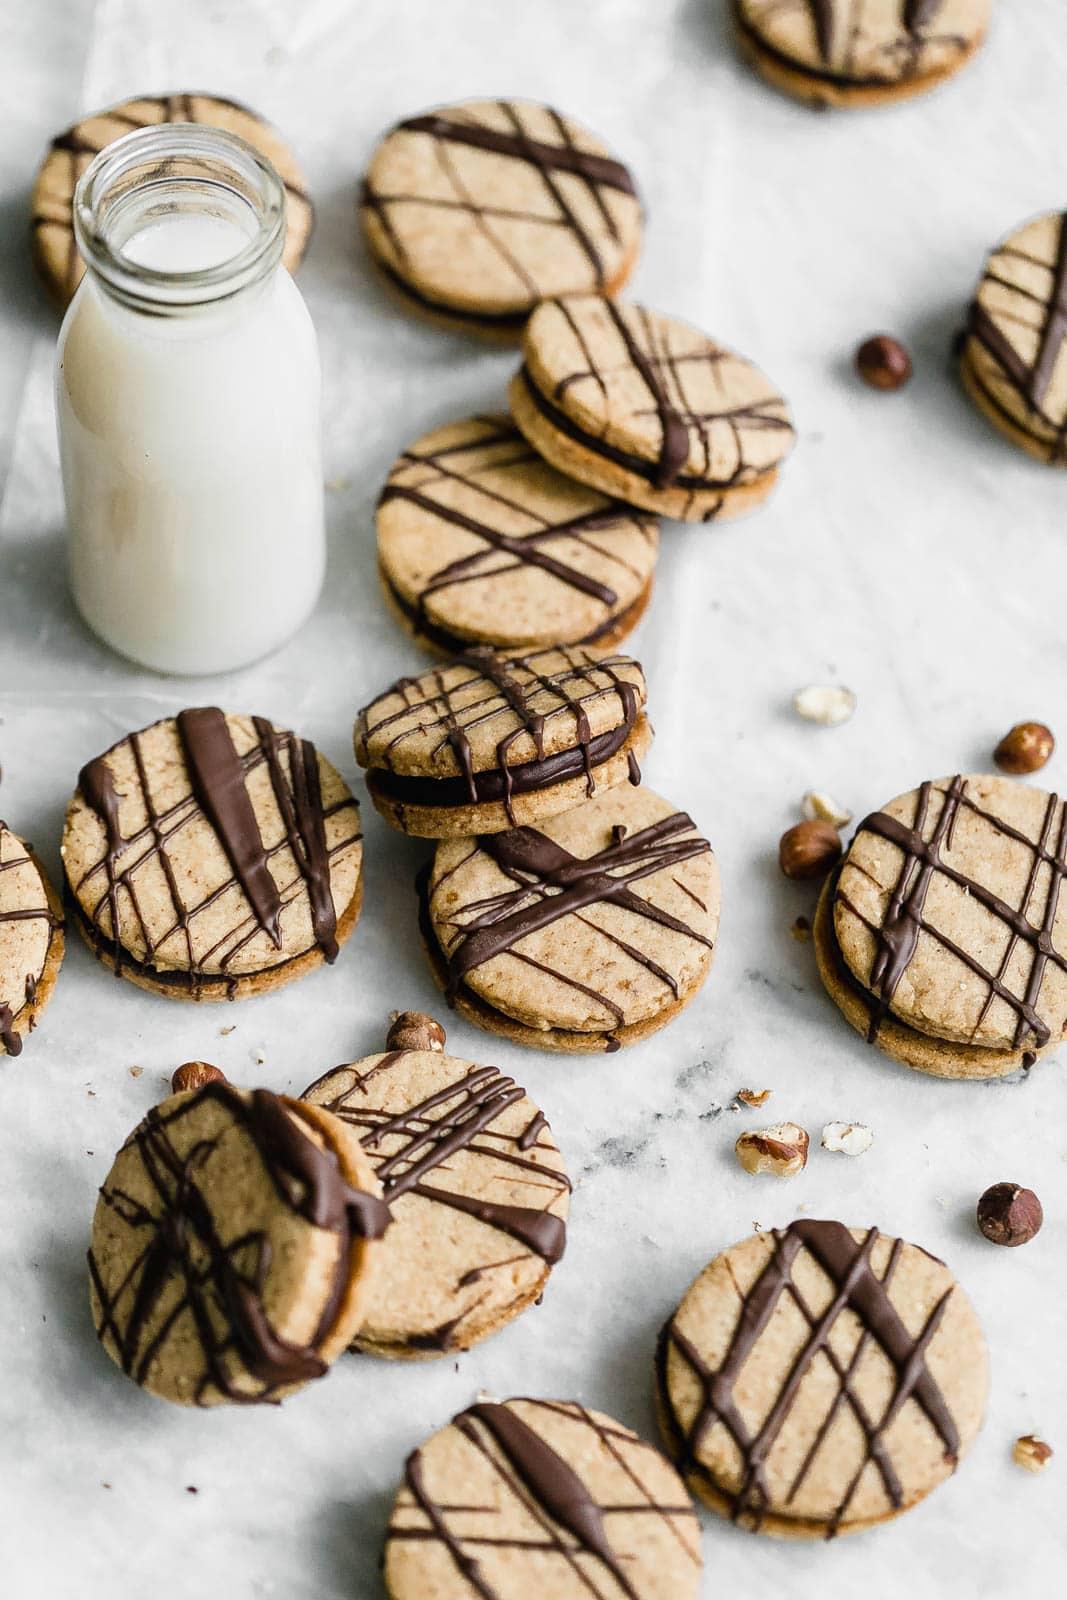 Hazelnut Espresso Sandwich Cookies with glass of milk